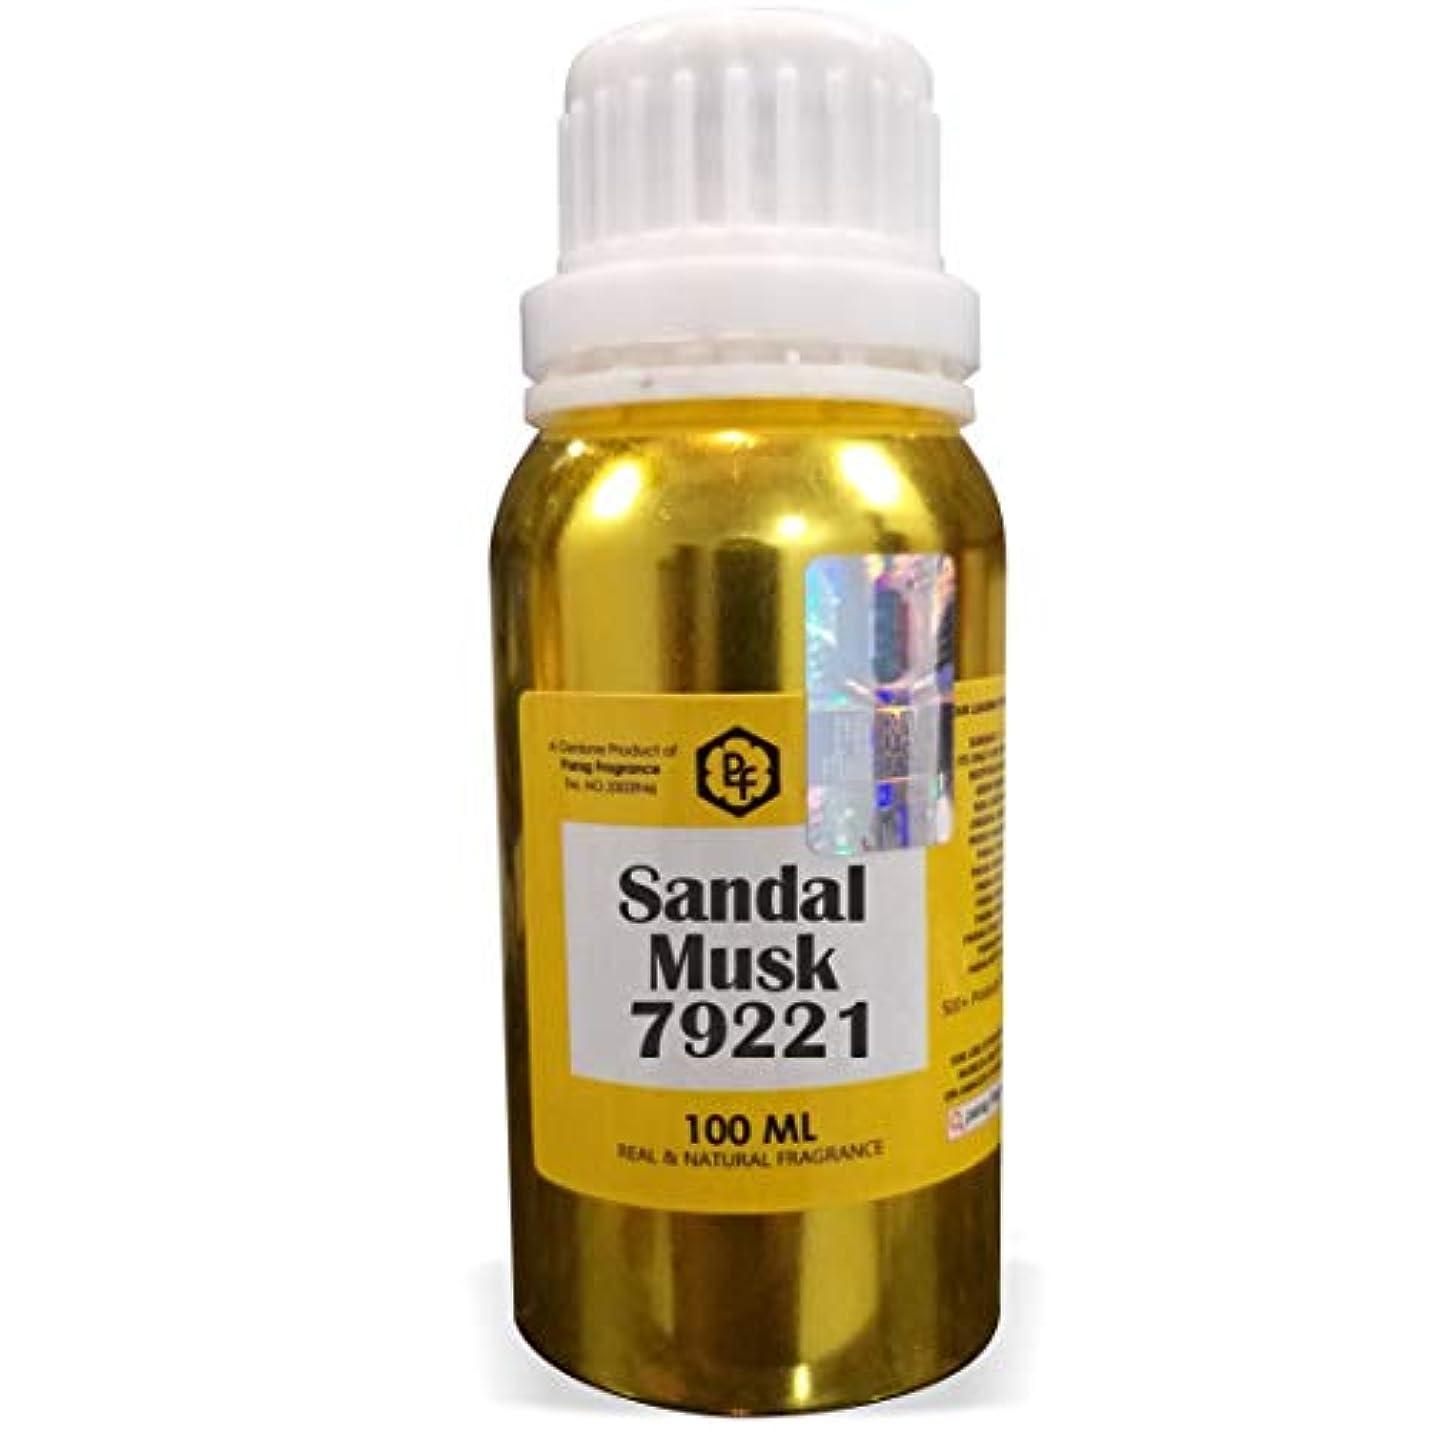 却下する増幅する復讐Paragフレグランスサンダルムスク79221アター100ミリリットル(男性用アルコールフリーアター)香油  香り  ITRA